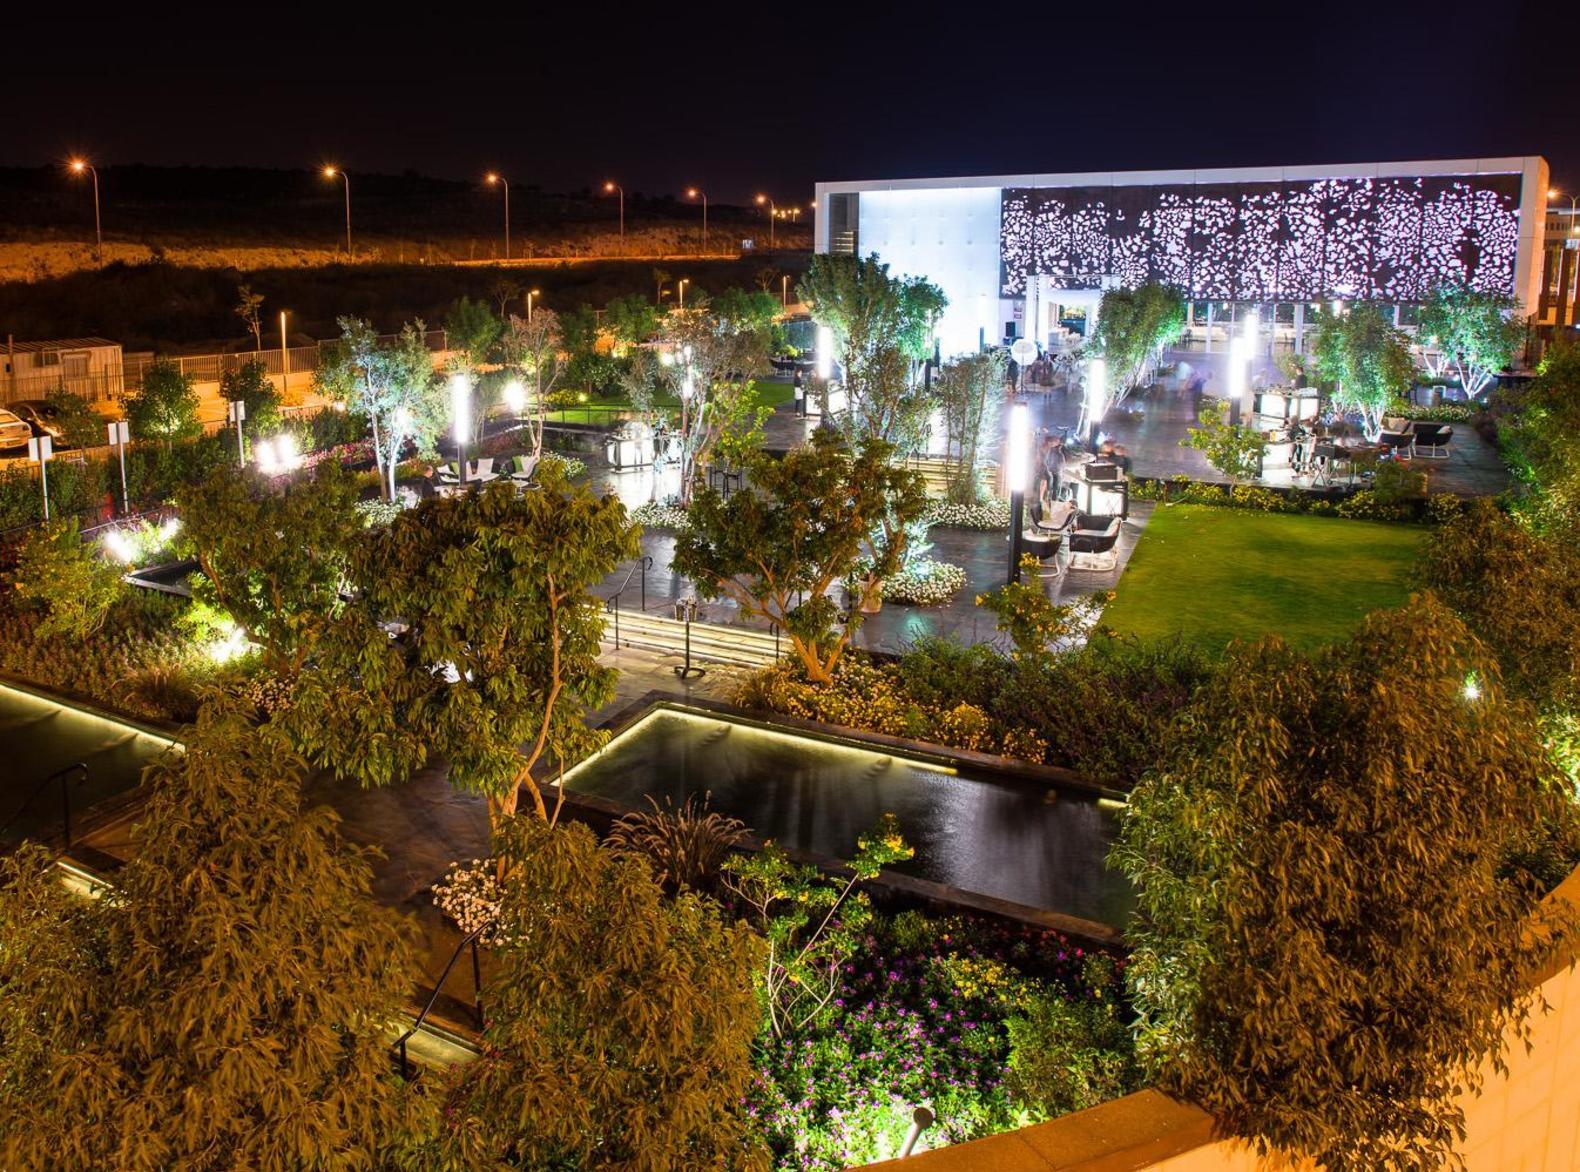 1. מתחם האירועים היחיד בישראל המציג  חוויה עיצובית חדשנית ומרגשת